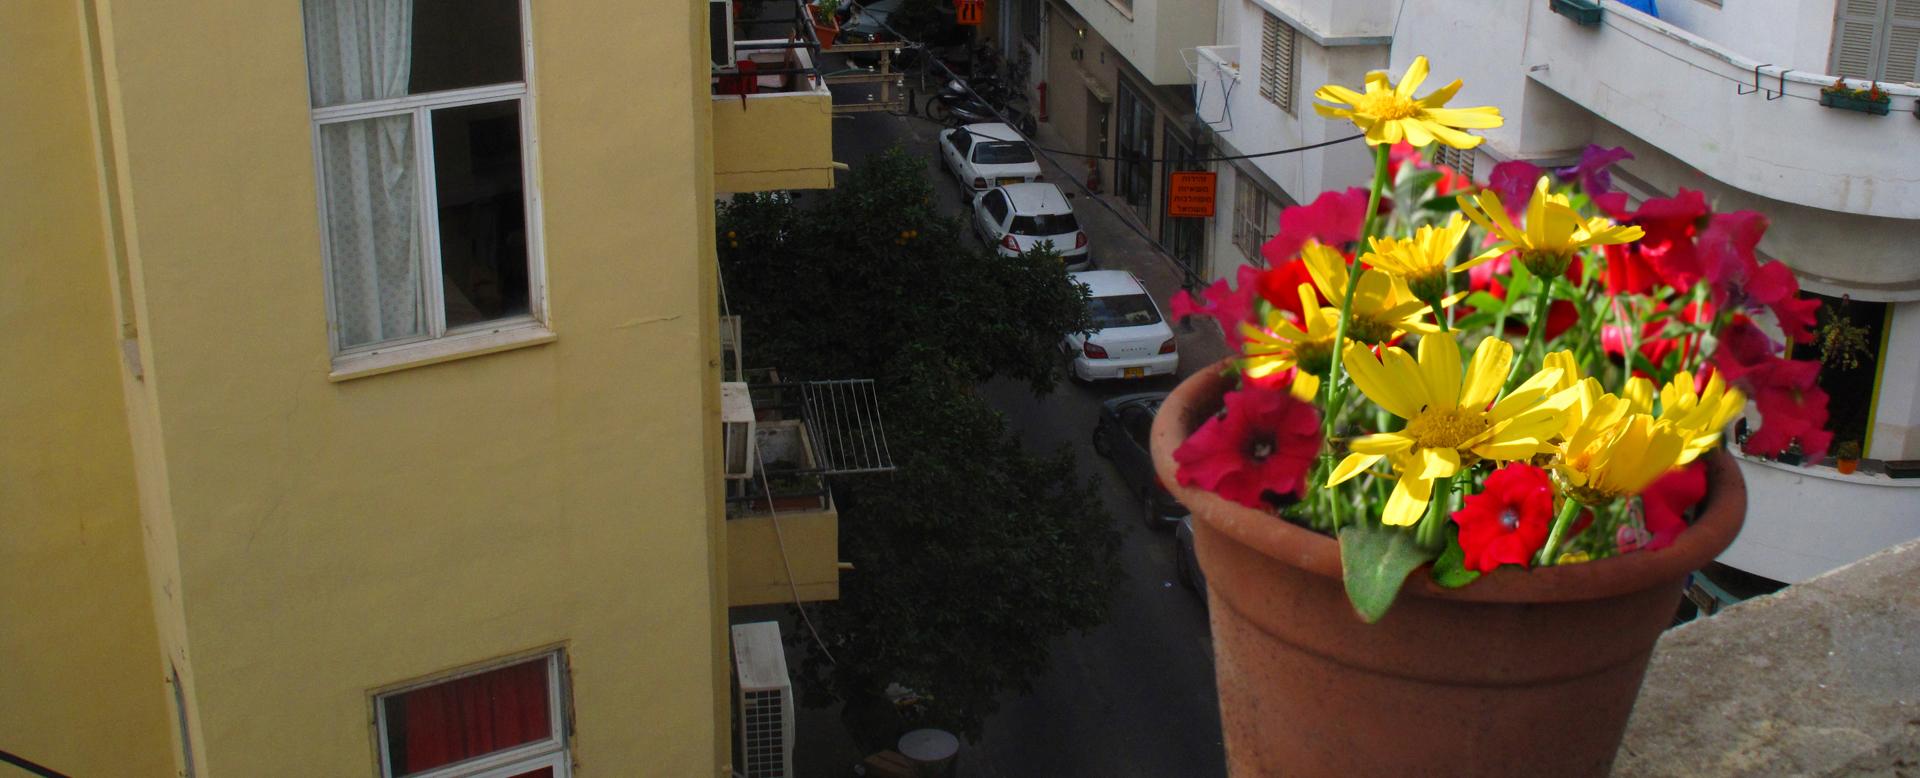 יואל שתרוג - אדמה יוצרת - yoel sitruk - תל אביב - פלורנטין